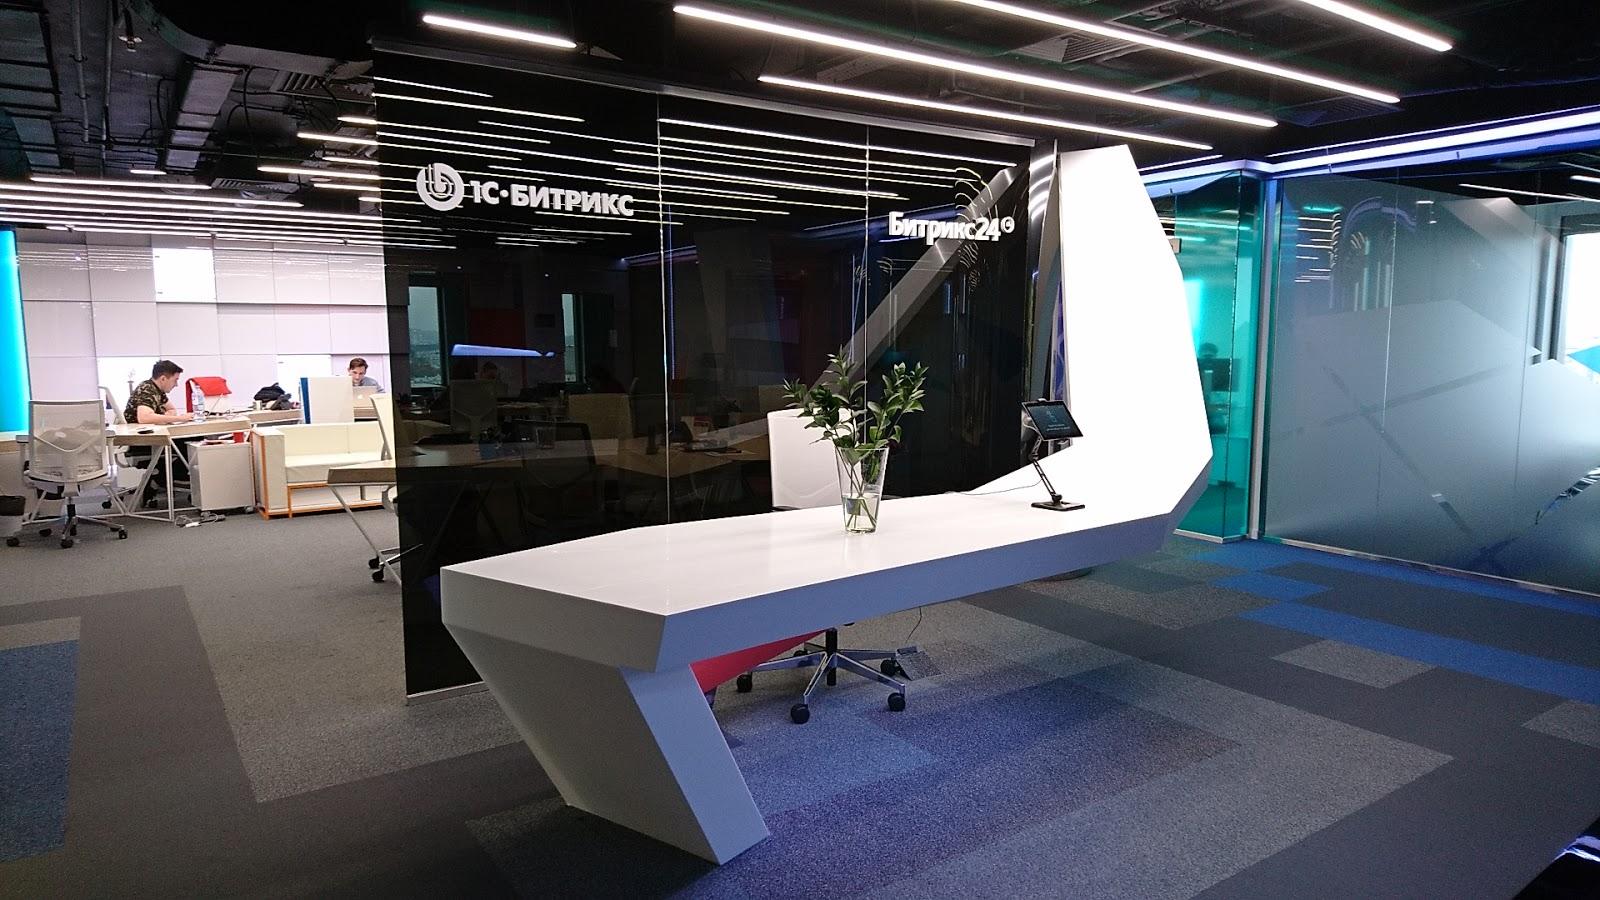 Битрикс офис crm системы обзор бесплатных